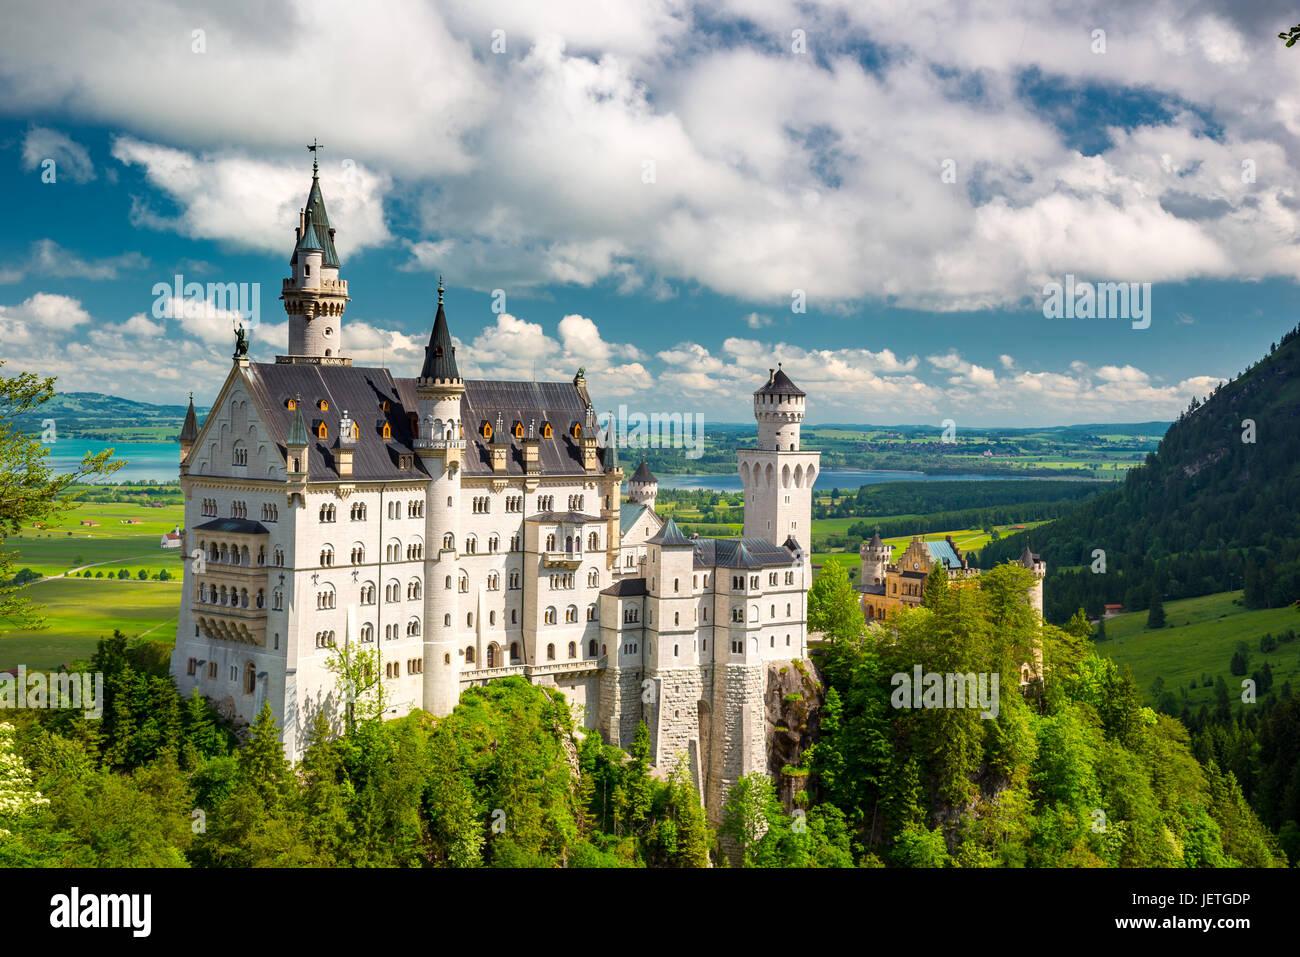 Il castello medievale di Neuschwanstein. In tutto il cielo blu e le Alpi. Bella vista del castello. Aprire il punto Immagini Stock